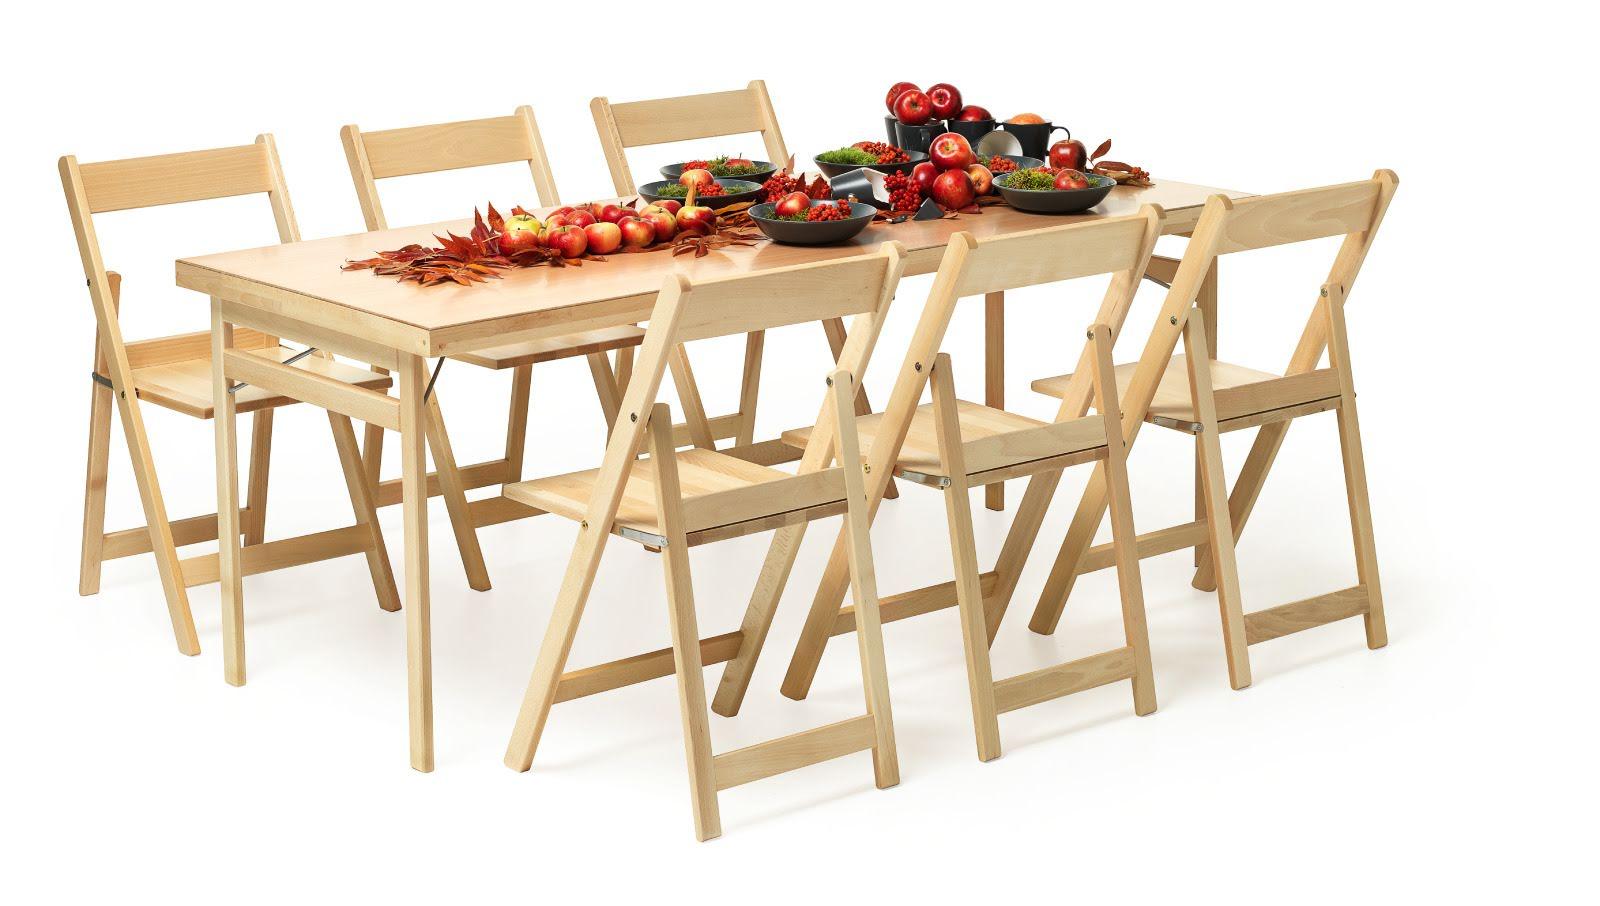 Hopfällbart Fixbord tillsammans med den fällbara stolen Klappstolen i trä, boknatur.